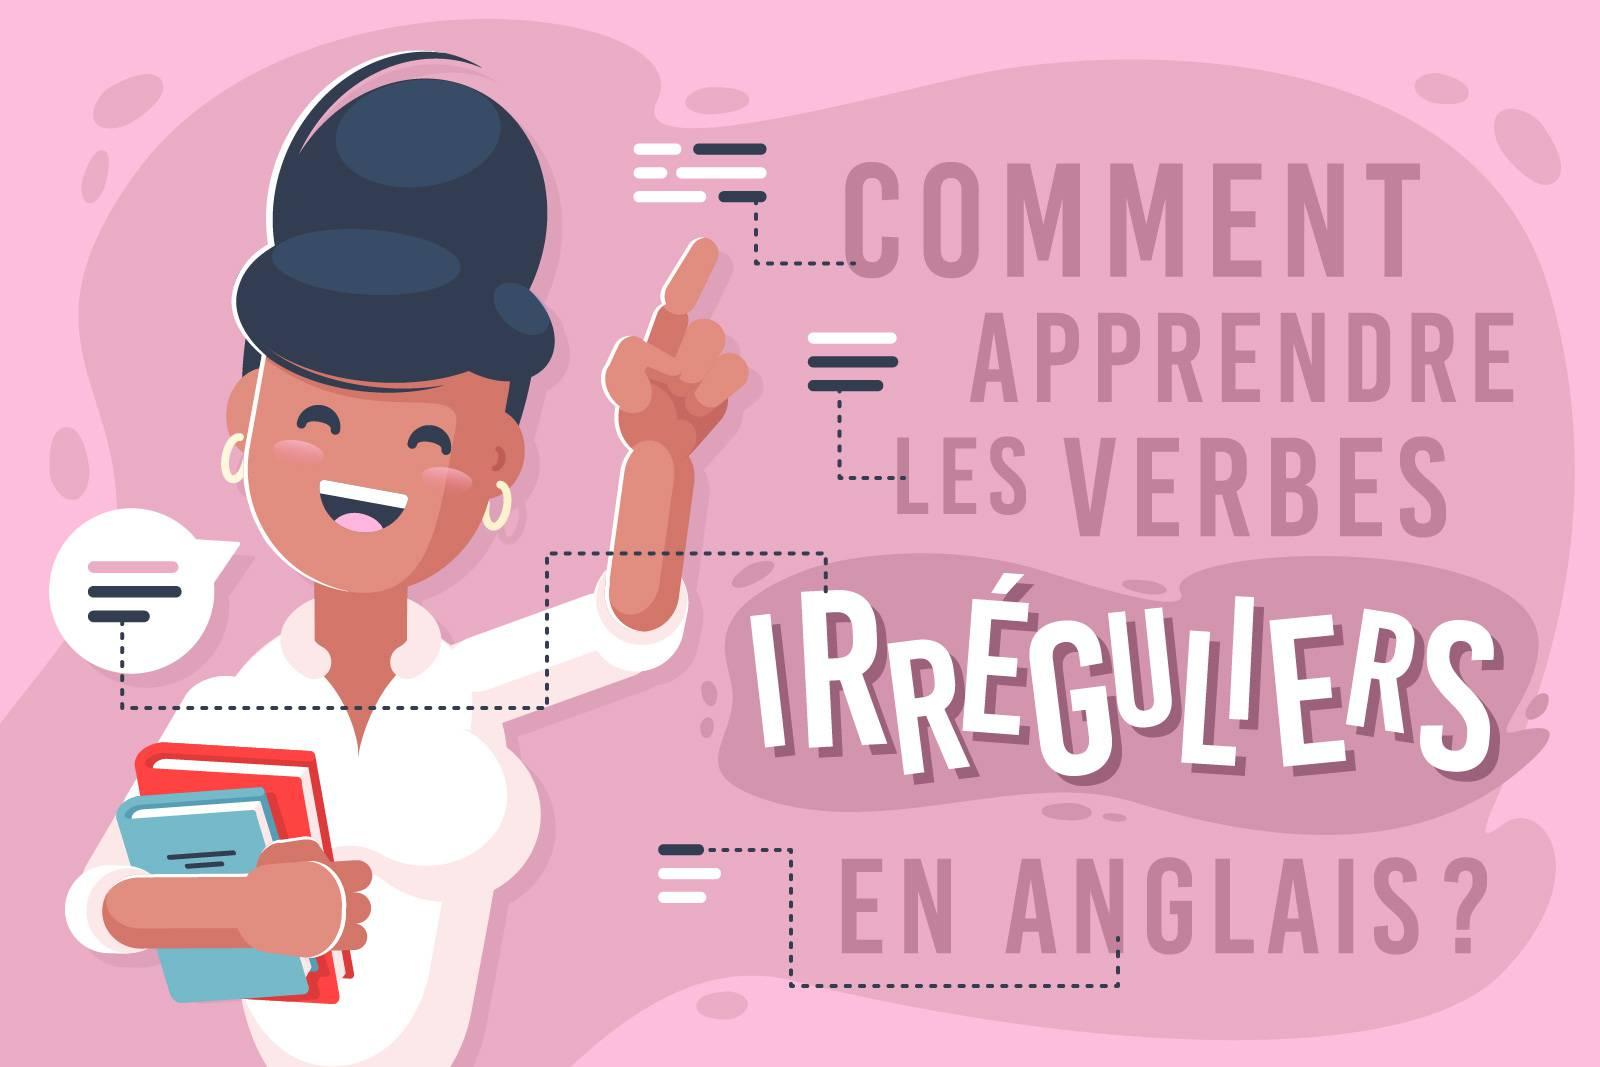 Comment apprendre les verbes irréguliers en anglais ?